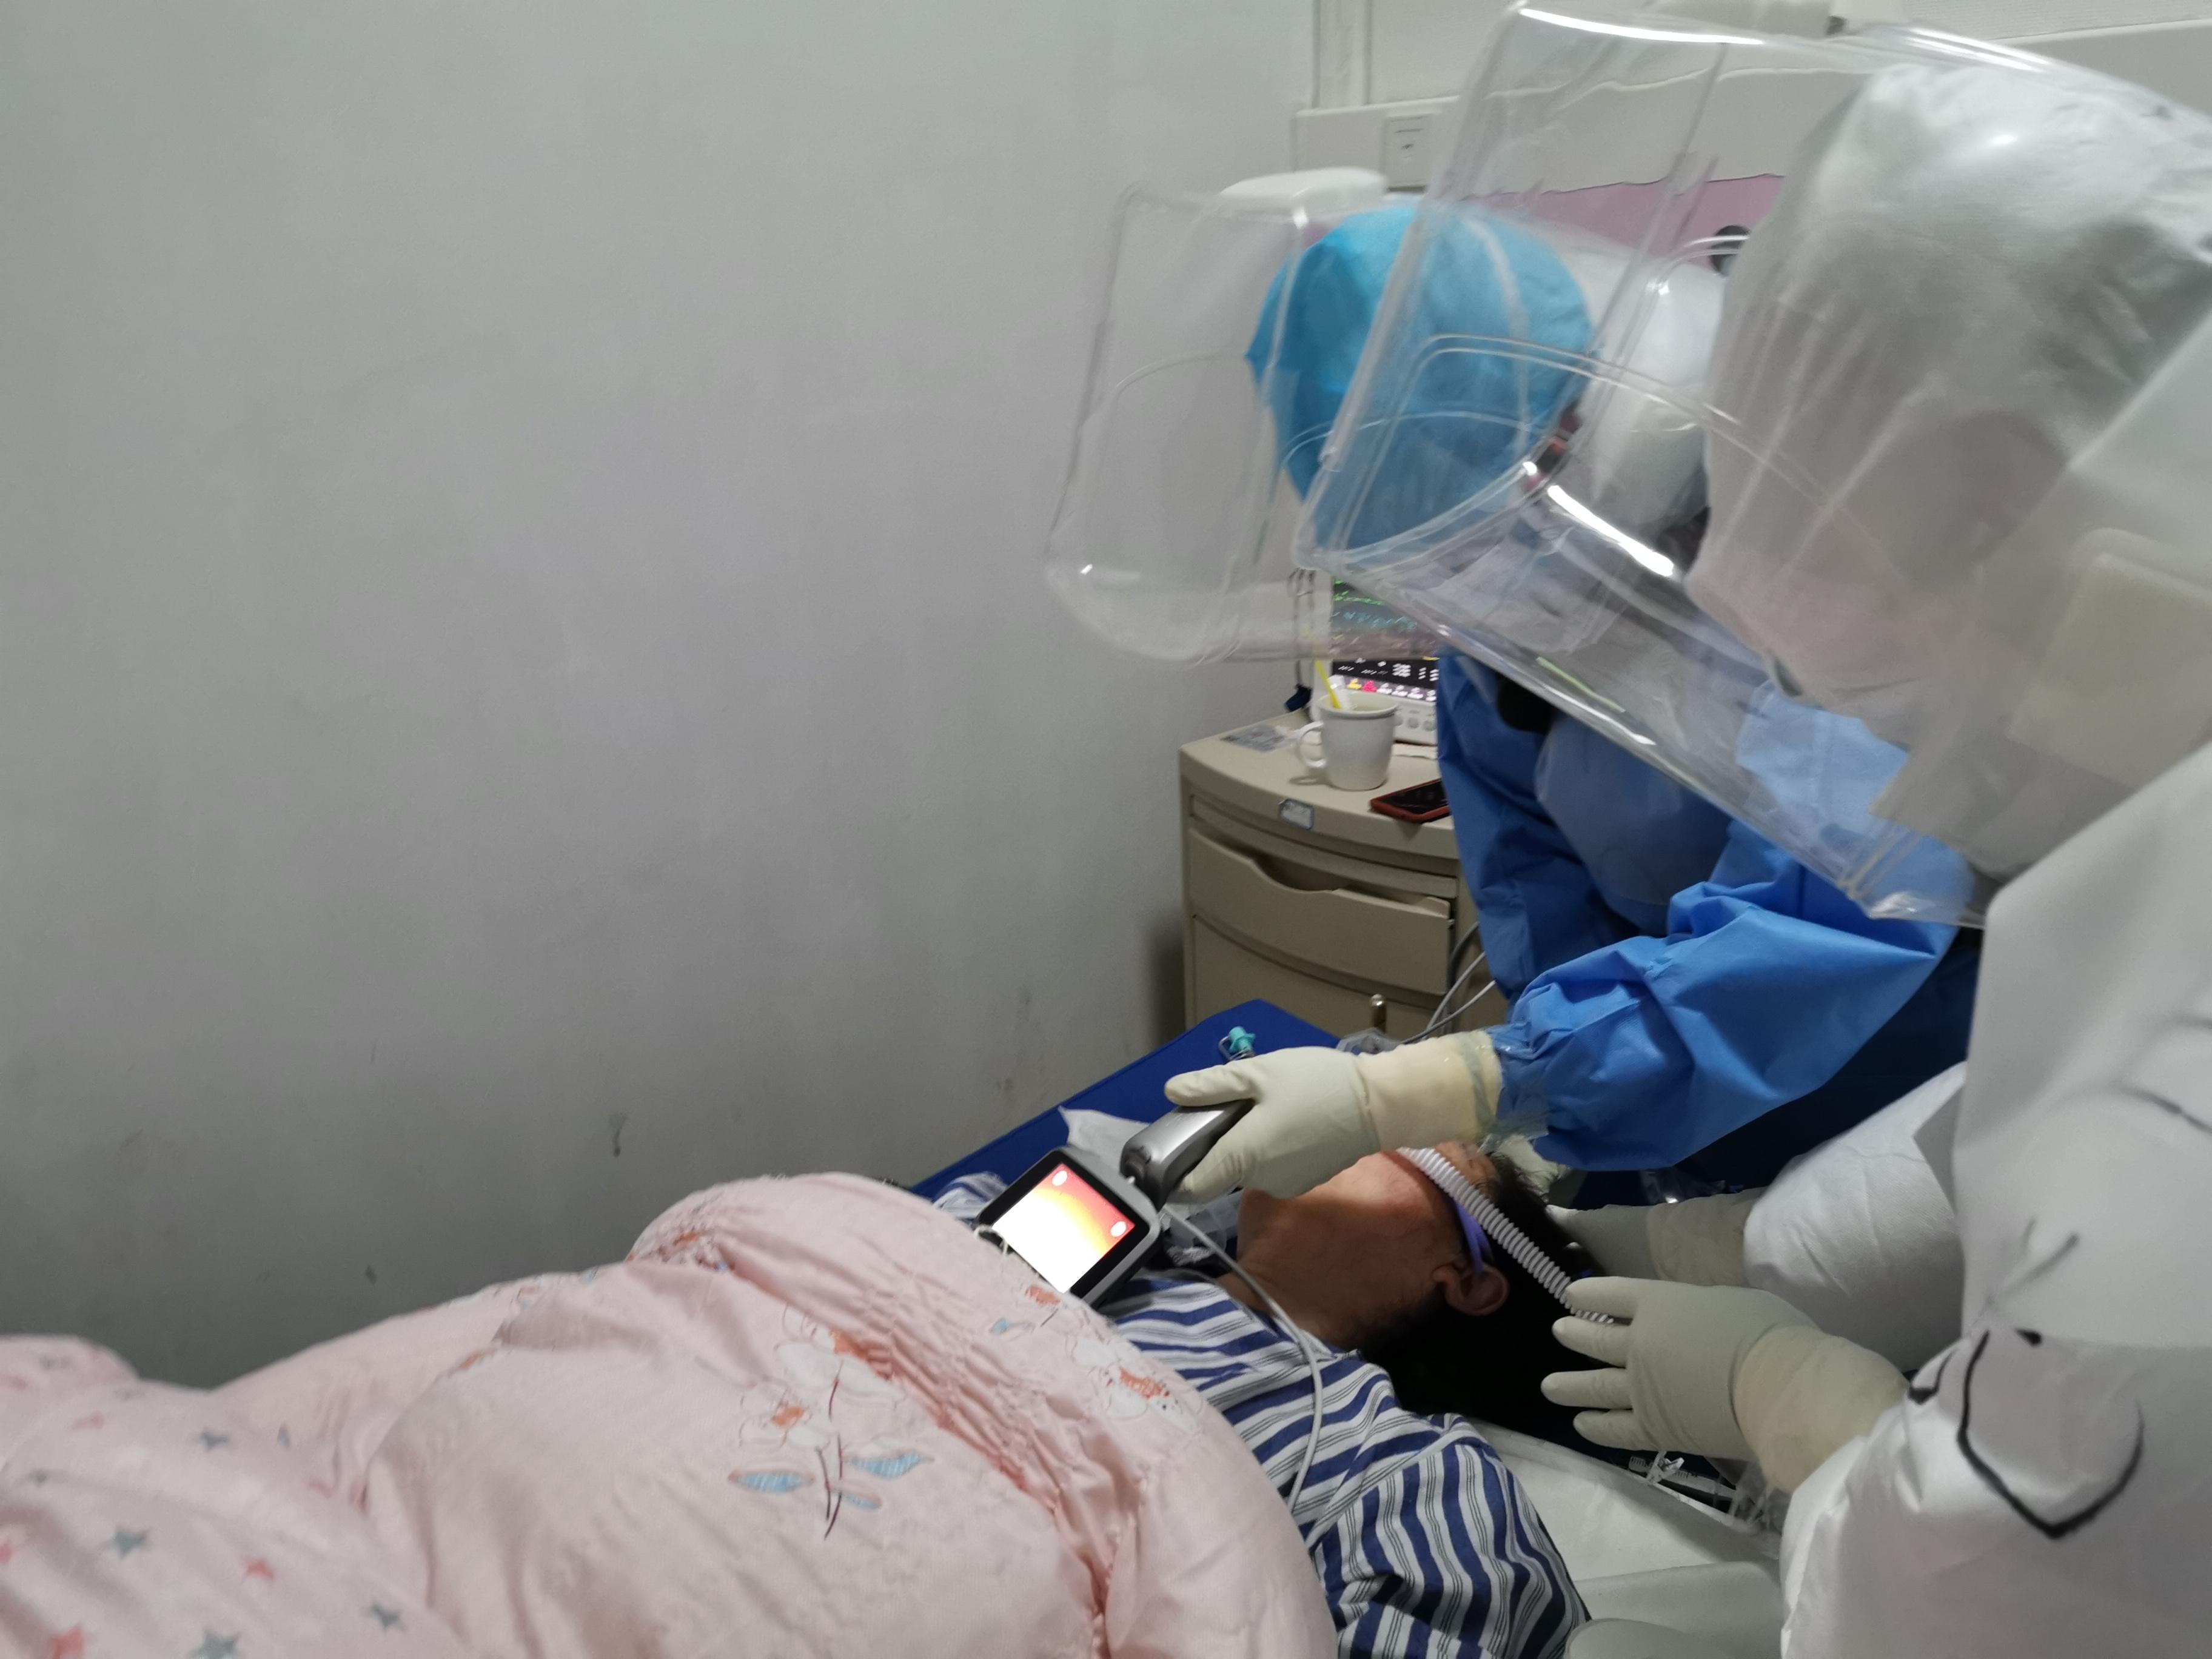 军队援鄂医疗队圆满完成任务回撤,其中有上海这家医院的身影